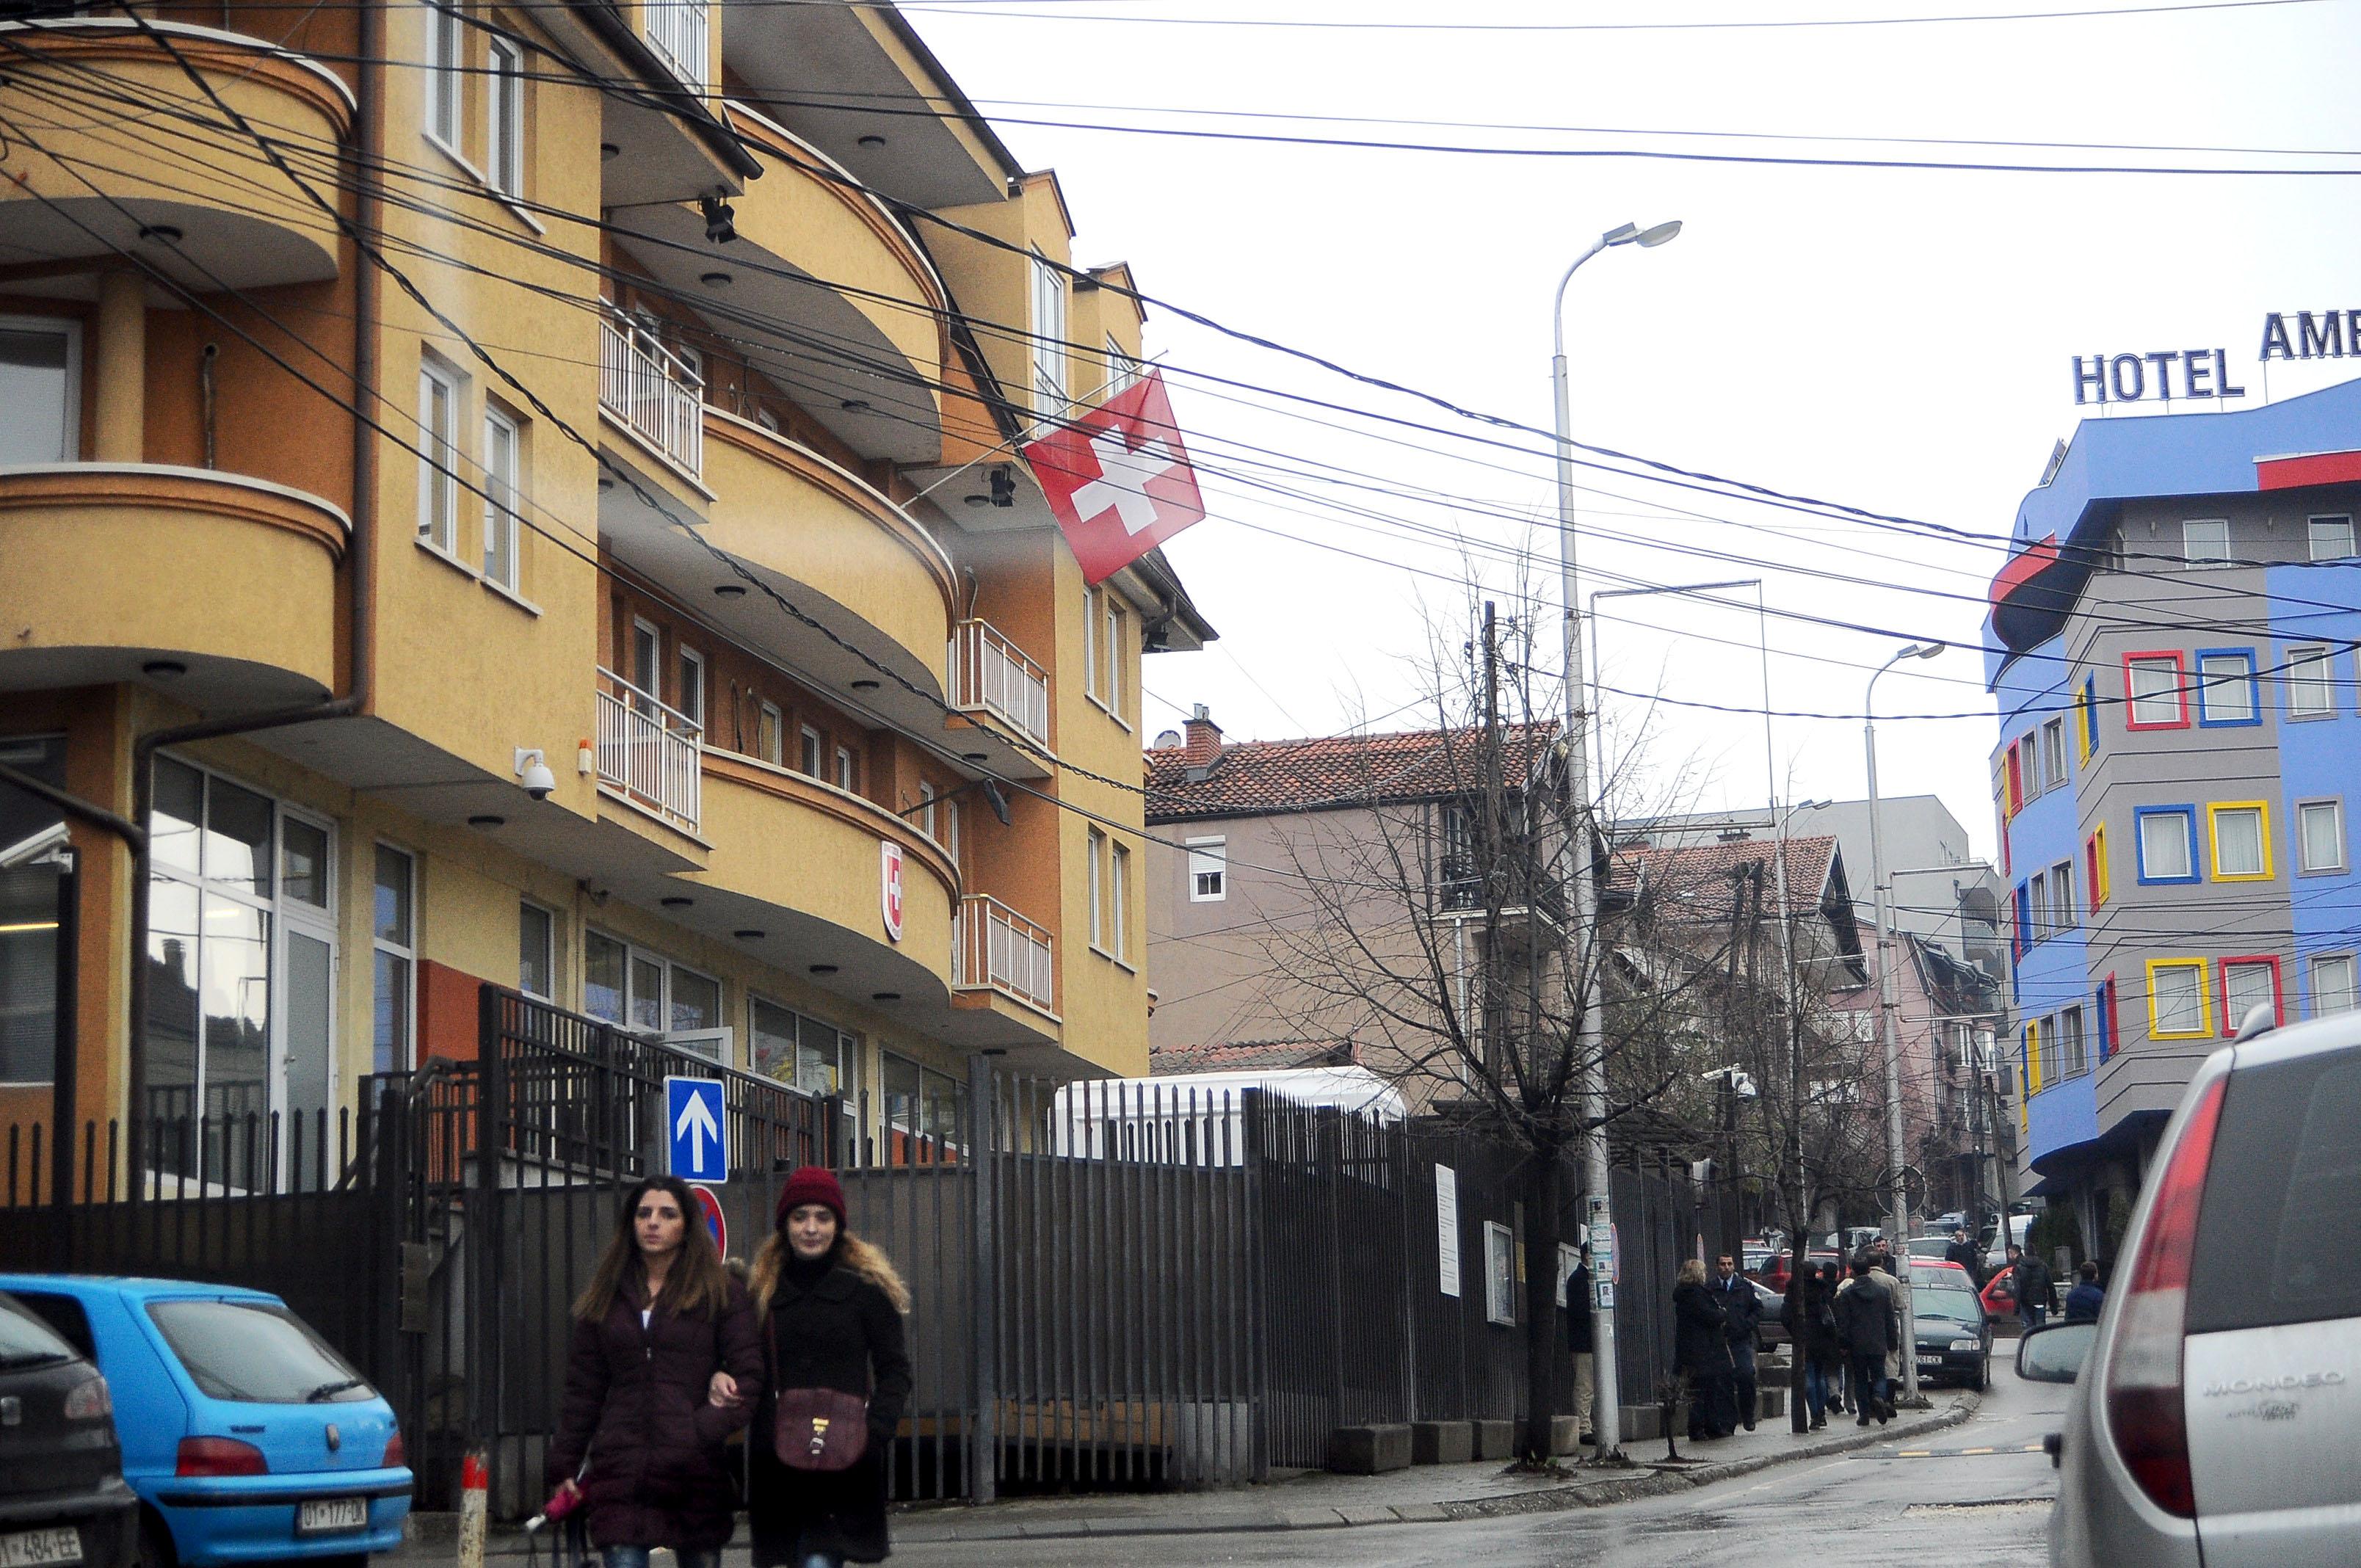 Sa persona kërkojnë vizë në Ambasadën e Zvicrës? - Albinfo